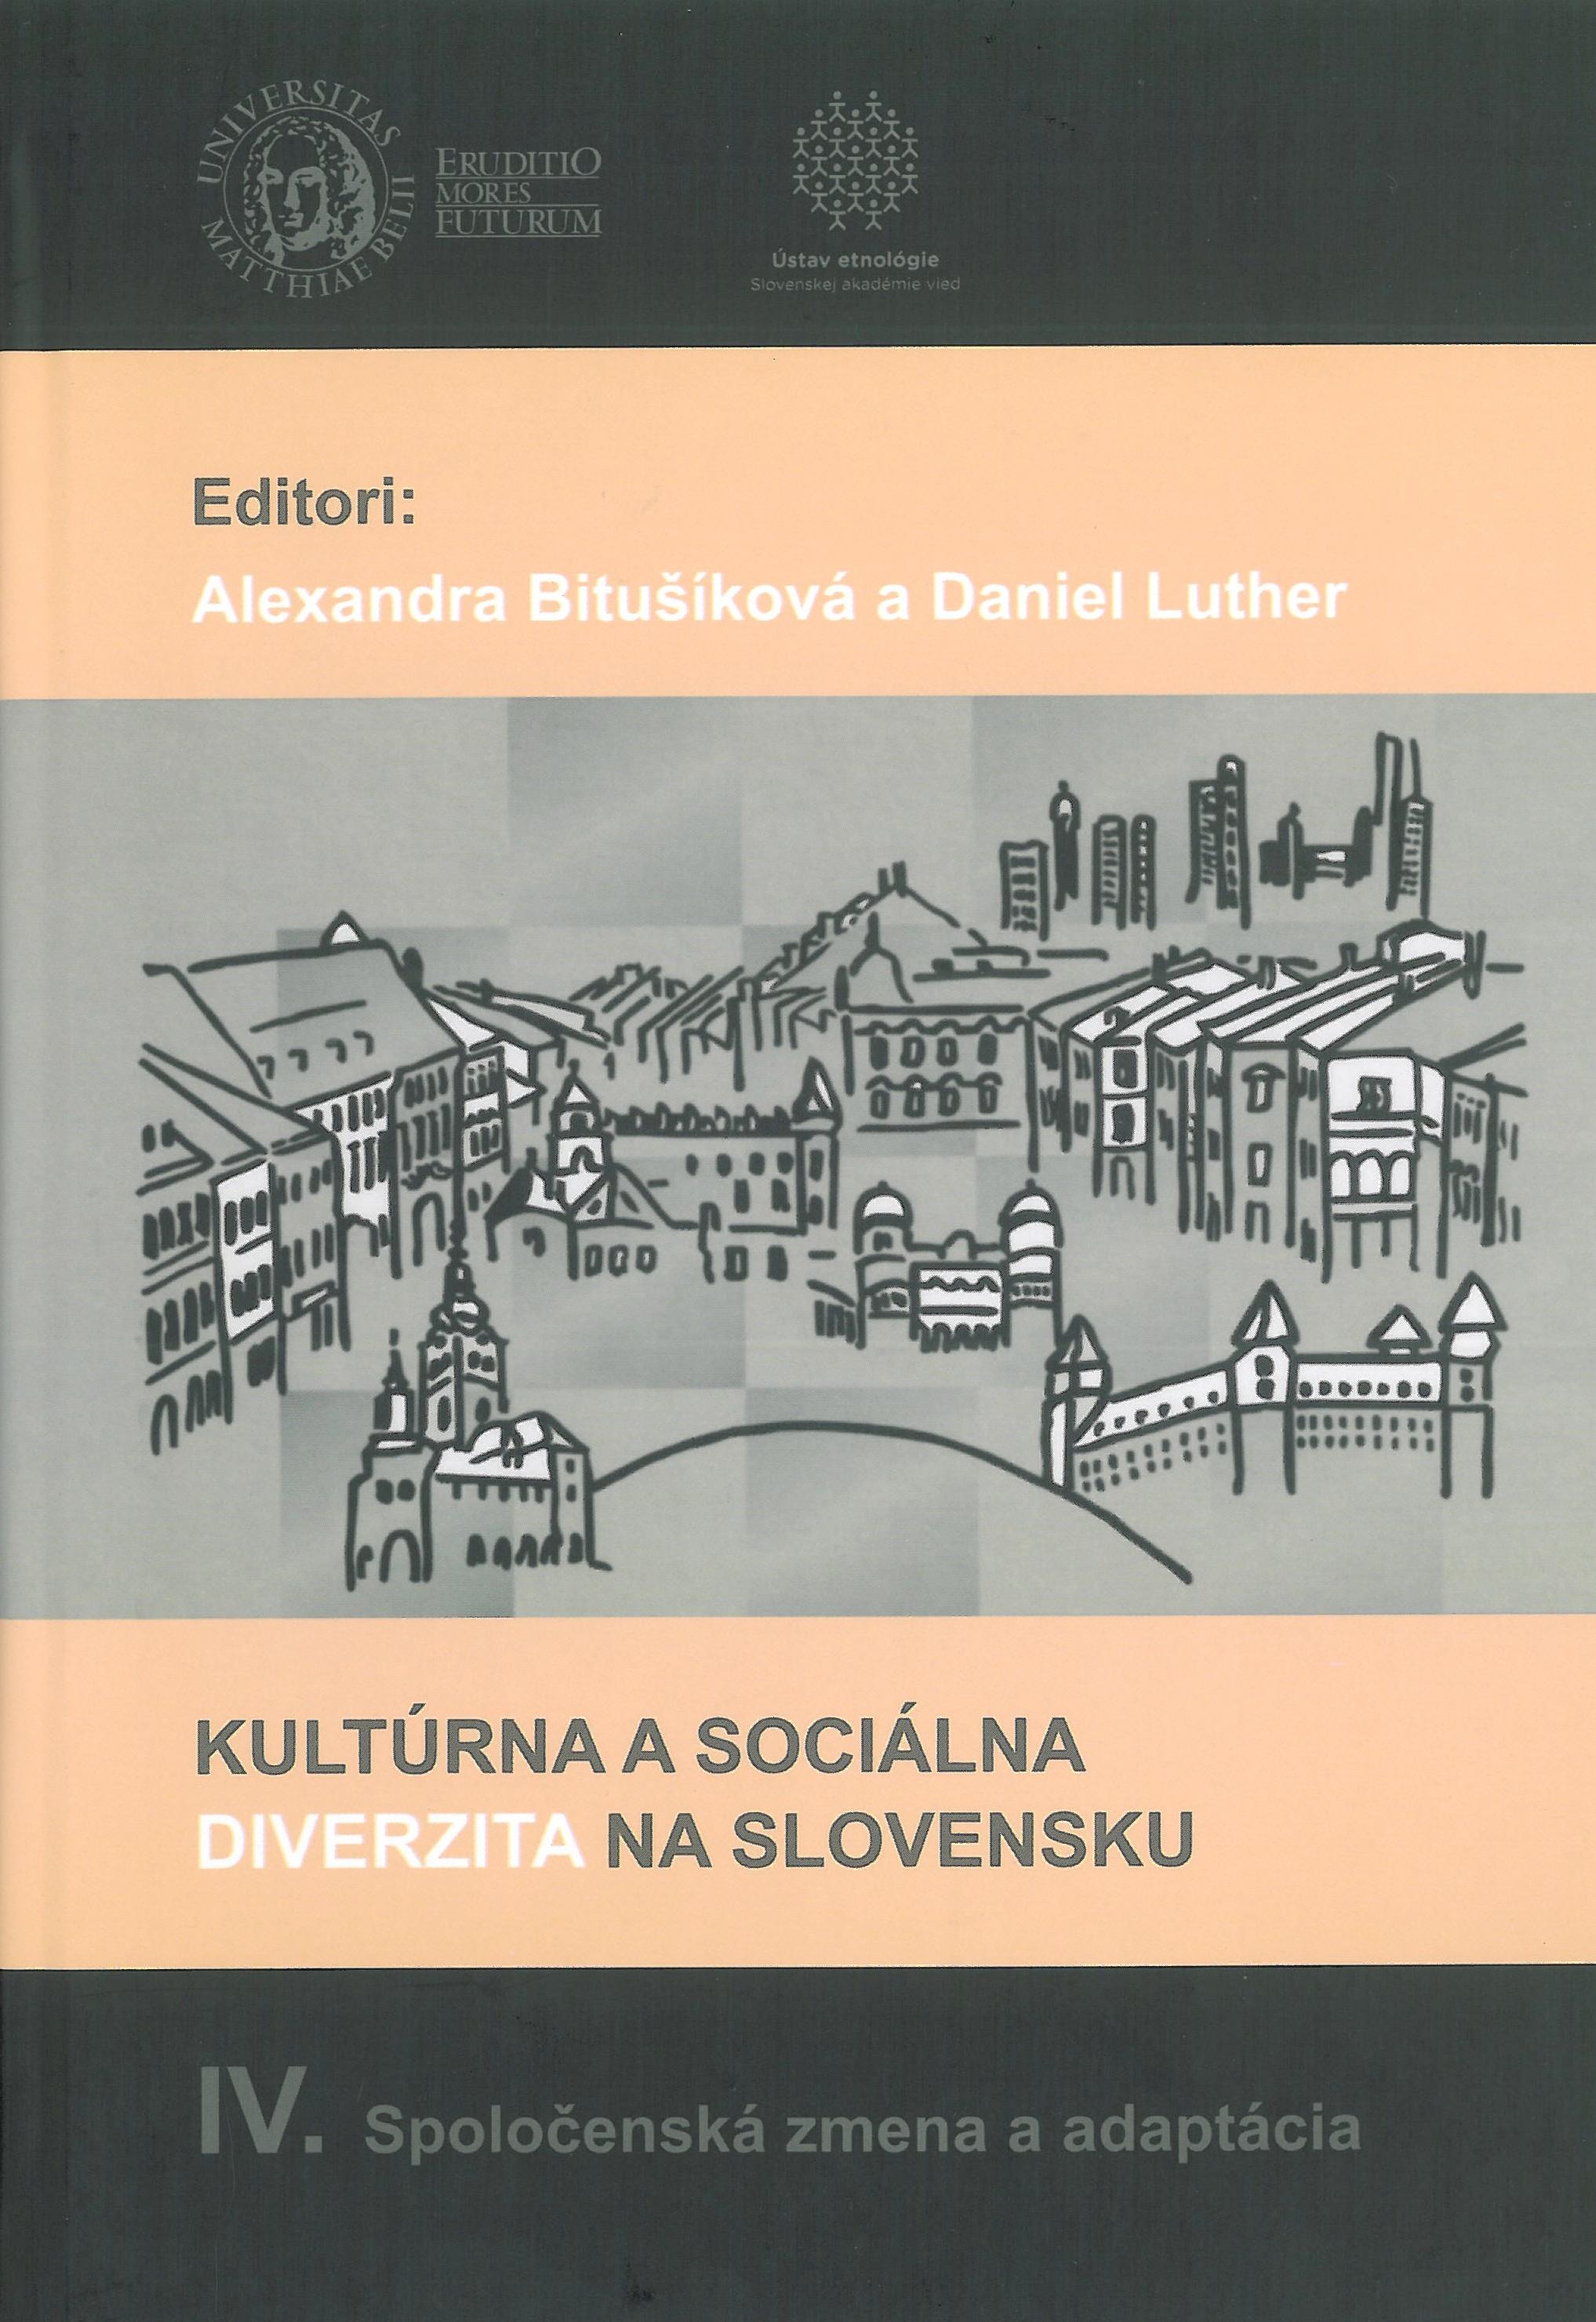 Kultúrna a sociálna diverzita na Slovensku IV SPOLOČENSKÁ ZMENA A ADAPTÁCIA